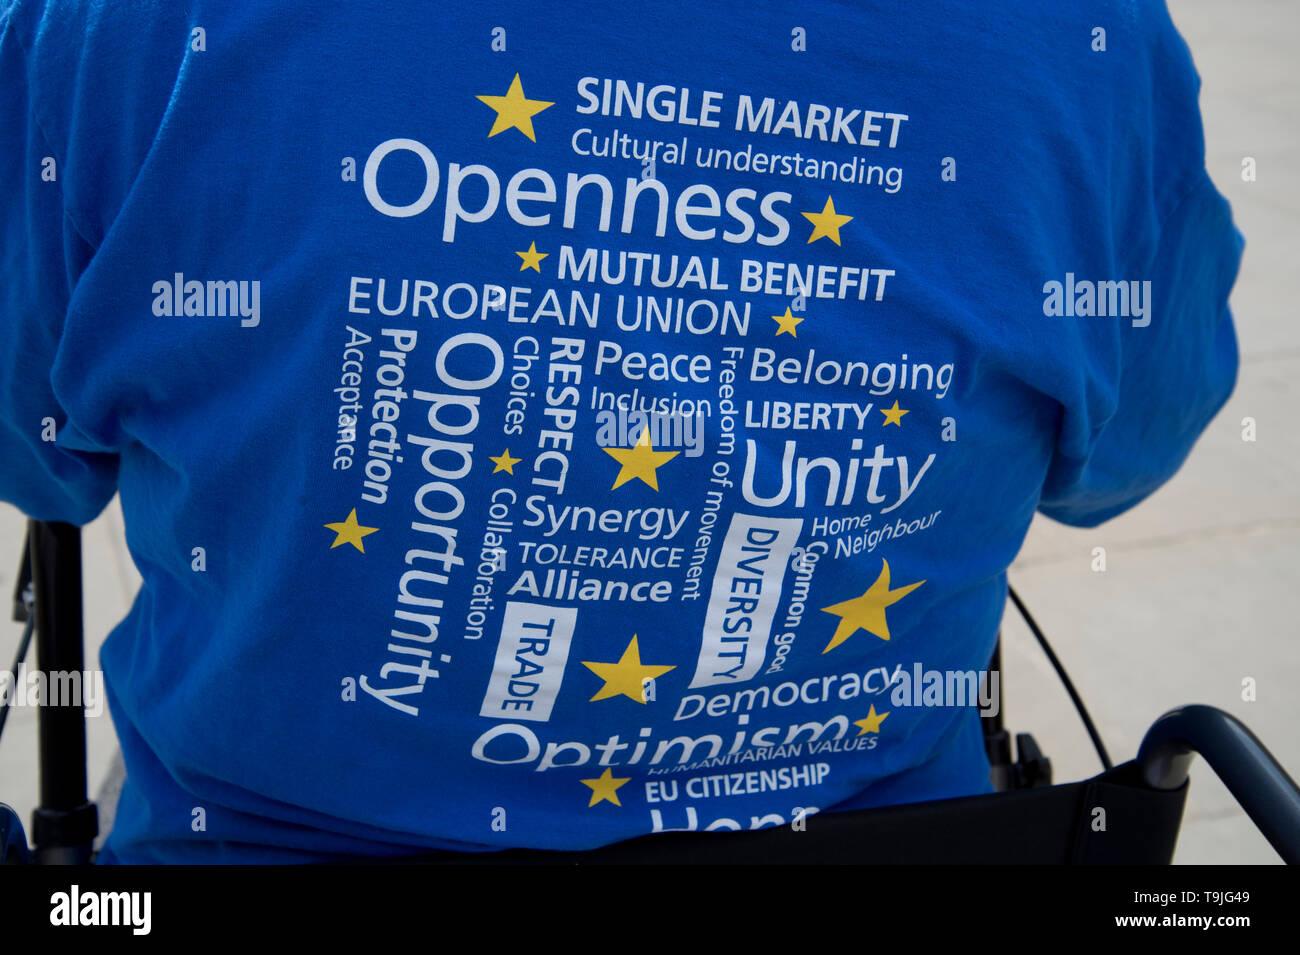 La place du Parlement, Westminster, Londres. 17 mai 2019. Un manifestant restent porte un tee-shirt bleu sur le sac qui répertorie les avantages d'être dans l'Eur Photo Stock